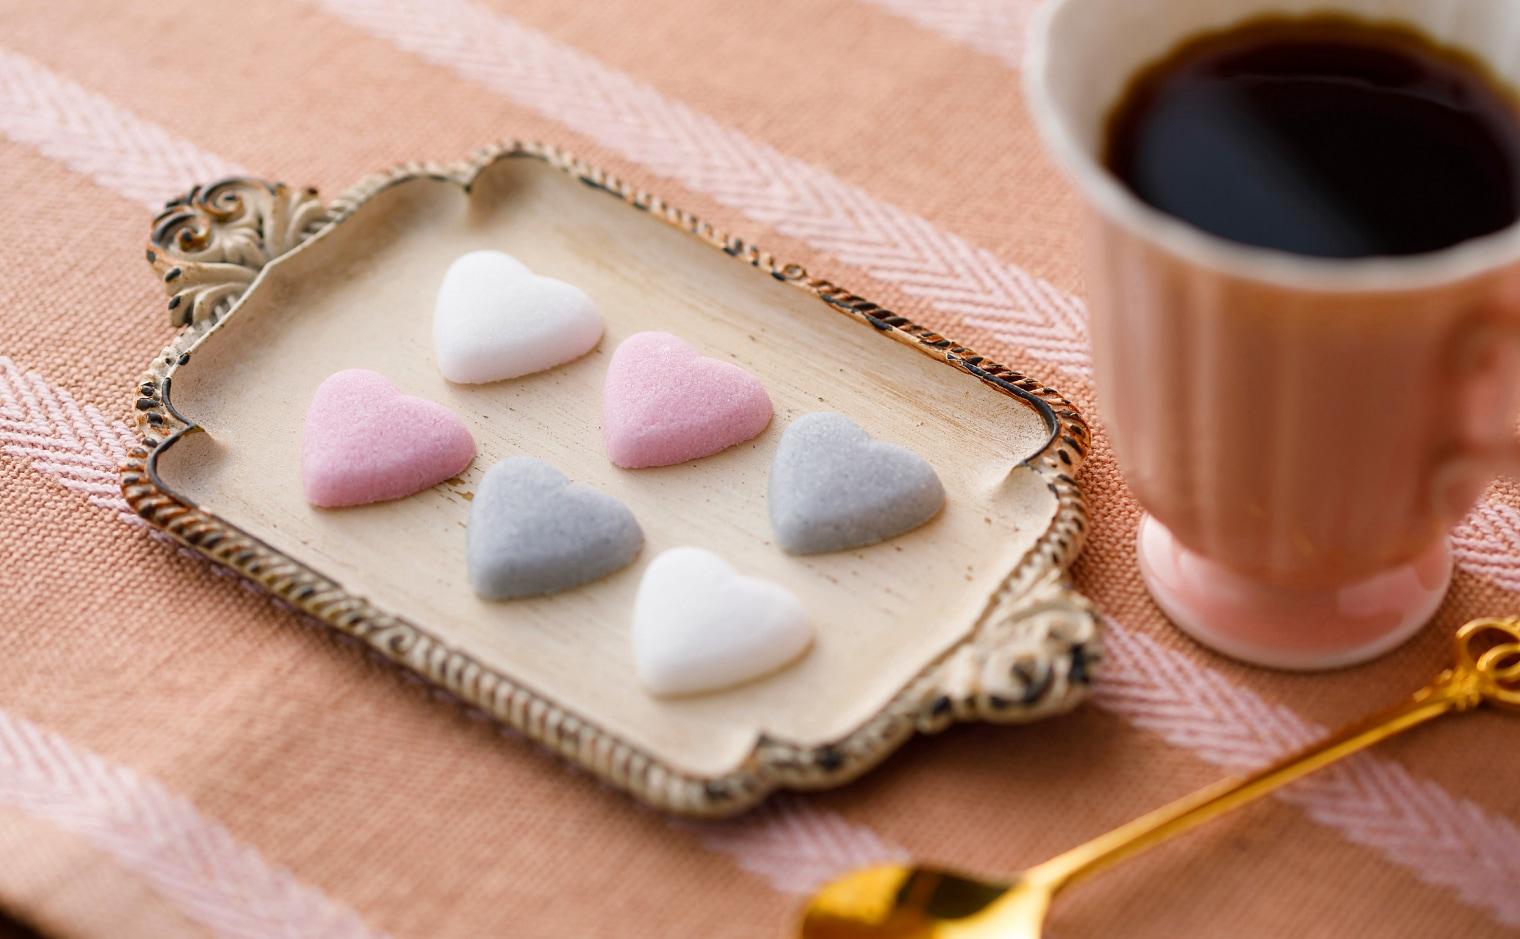 デザインシュガー,物語のある砂糖,かわいい,可愛い,角砂糖,ウィッチハート,ハート,ハートシュガー